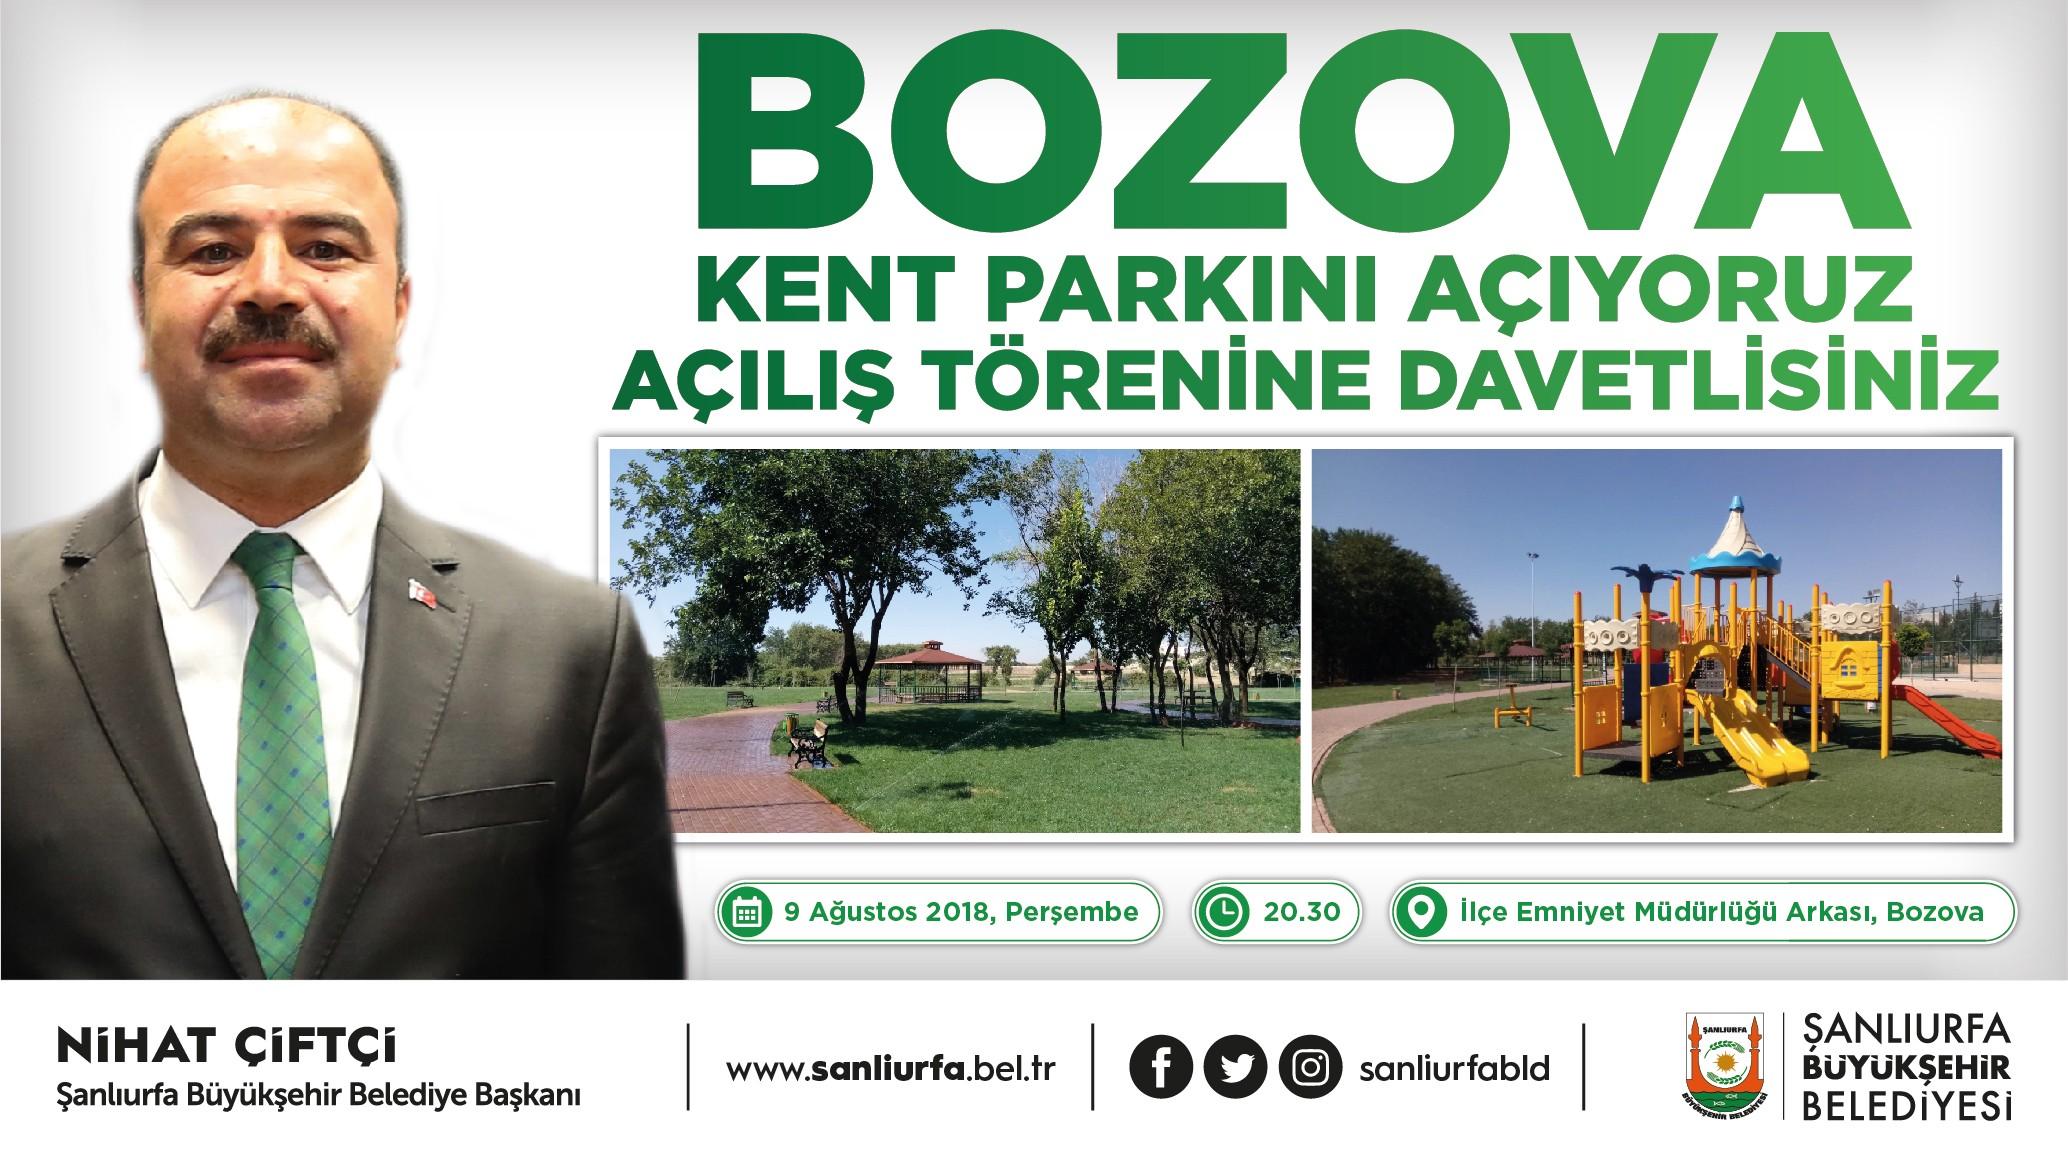 Bozova kent parkı ile semt pazarı hizmete sunuluyor